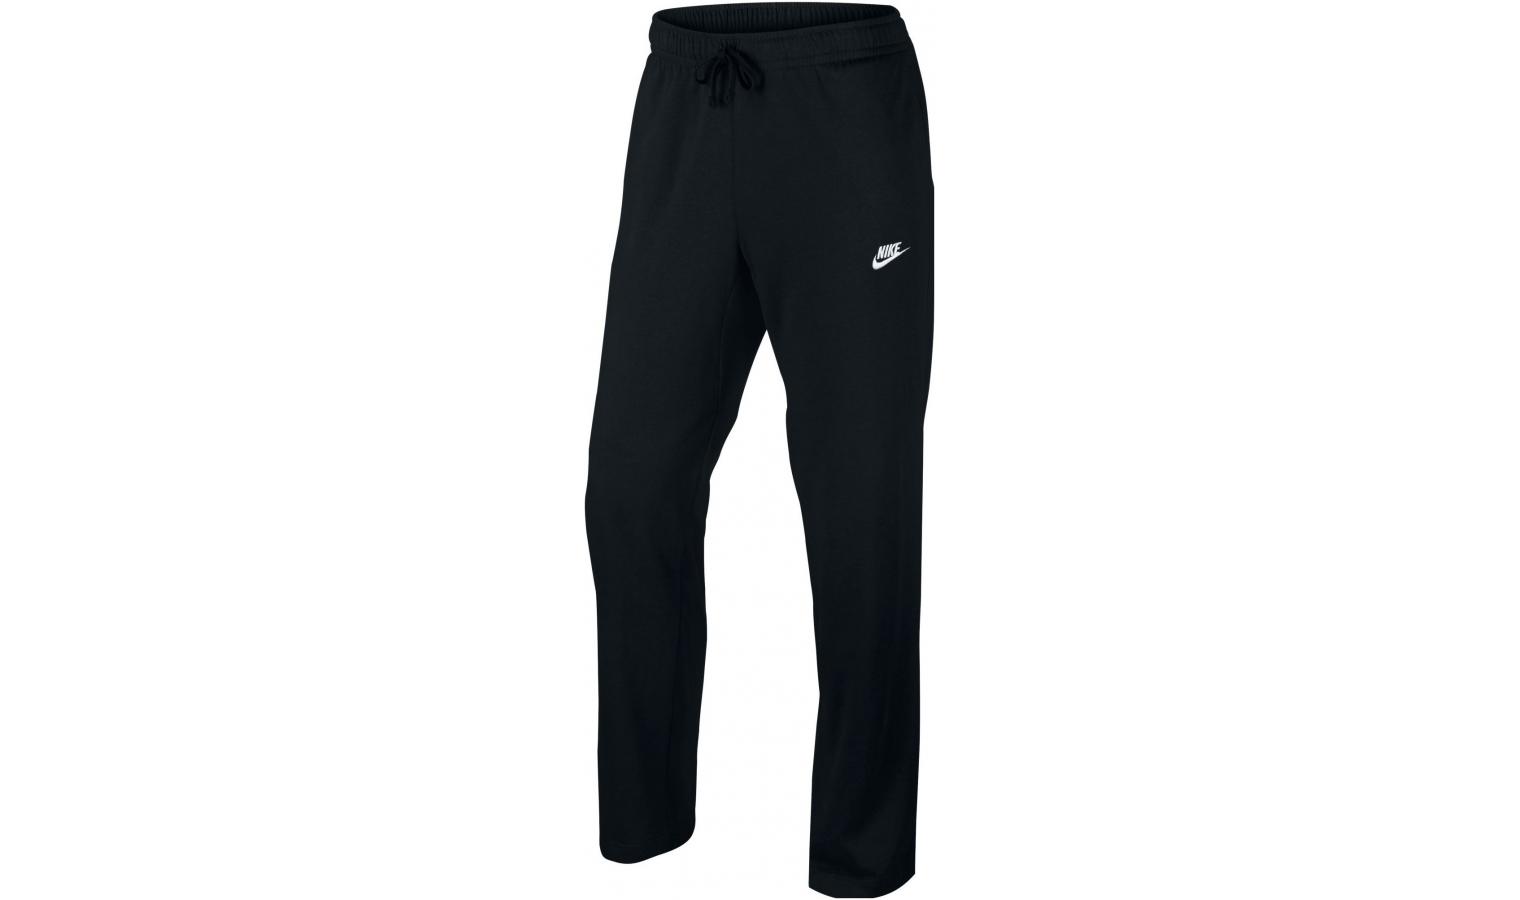 6aa8cd82b59 Pánské sportovní tepláky Nike SPORTSWEAR PANT OH JSY CLUB černé